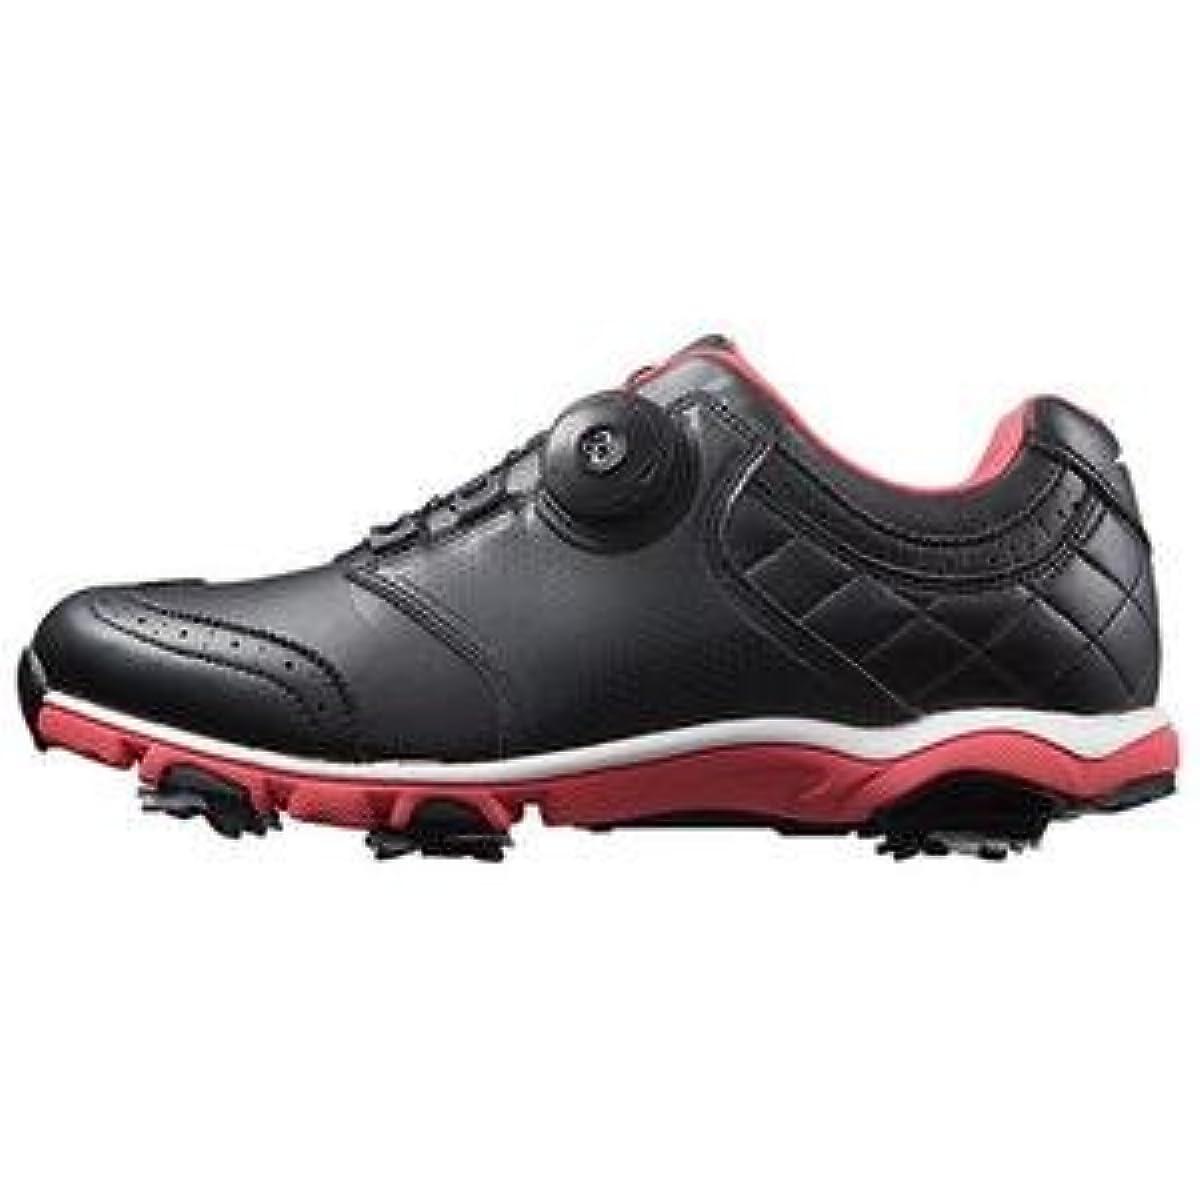 [해외] MIZUNO 미즈노 골프 스파이크 레이디스 주문 상품 사이즈:22.5cm